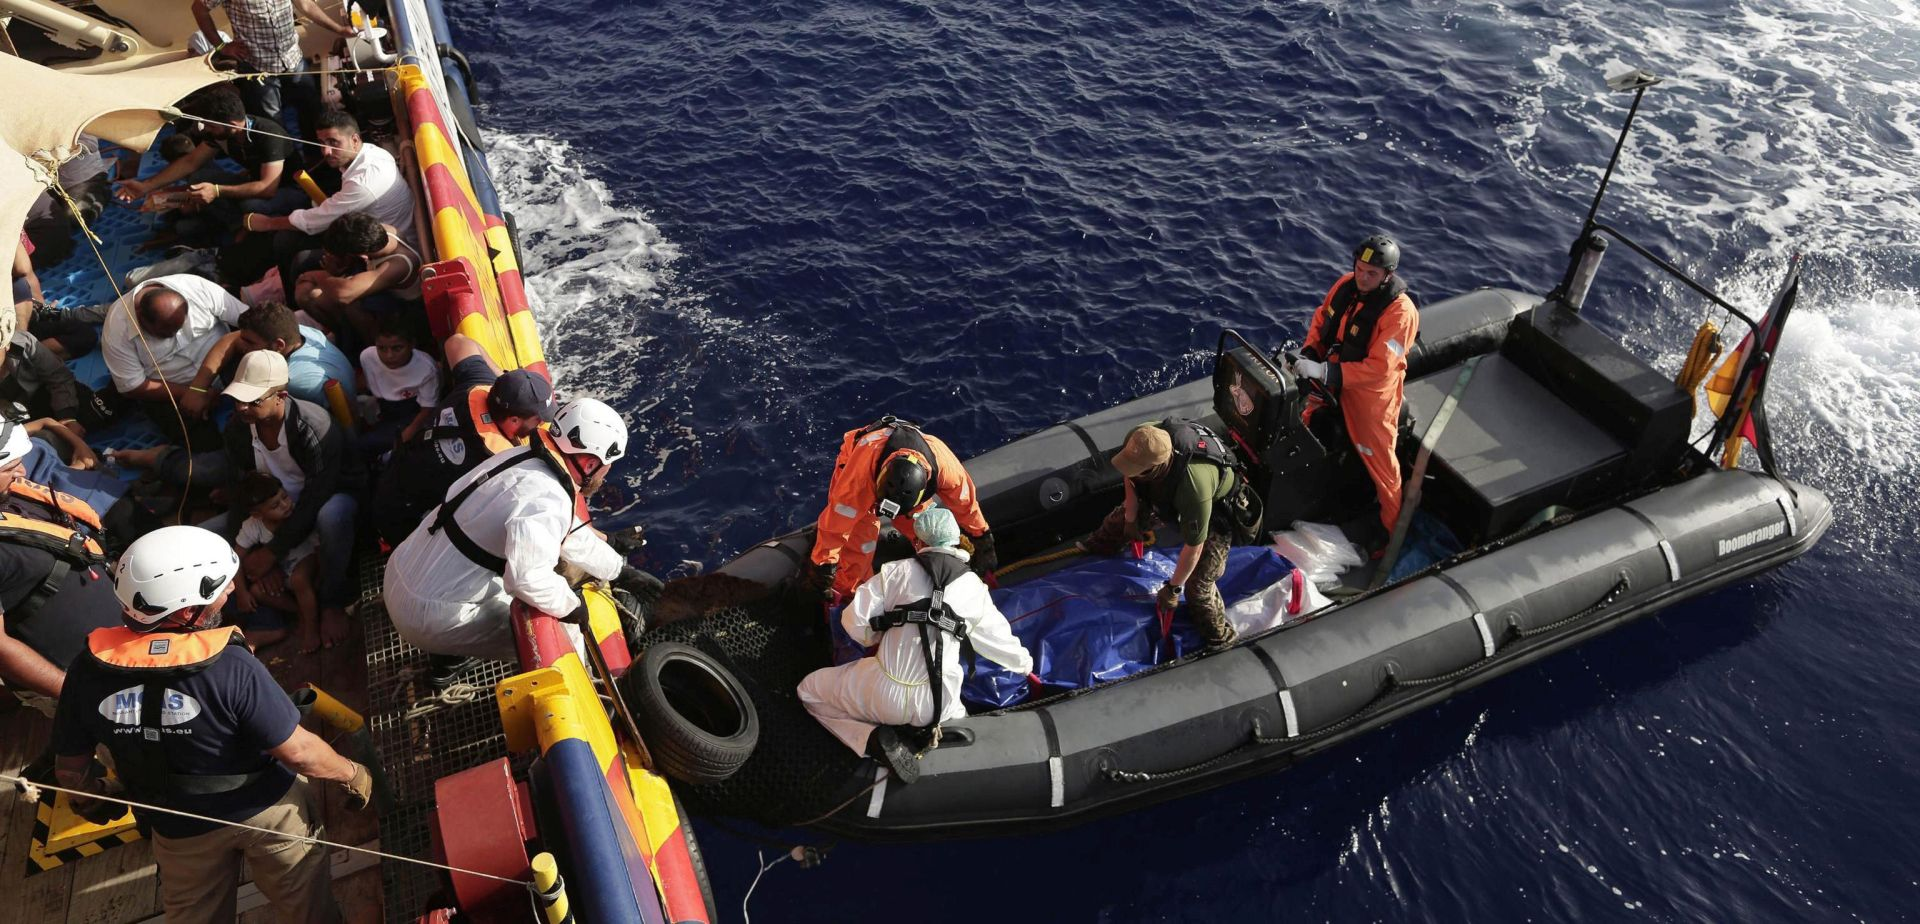 TALIJANSKA POLICIJA: Razbijena mreža koja je krijumčarila sirijske izbjeglice